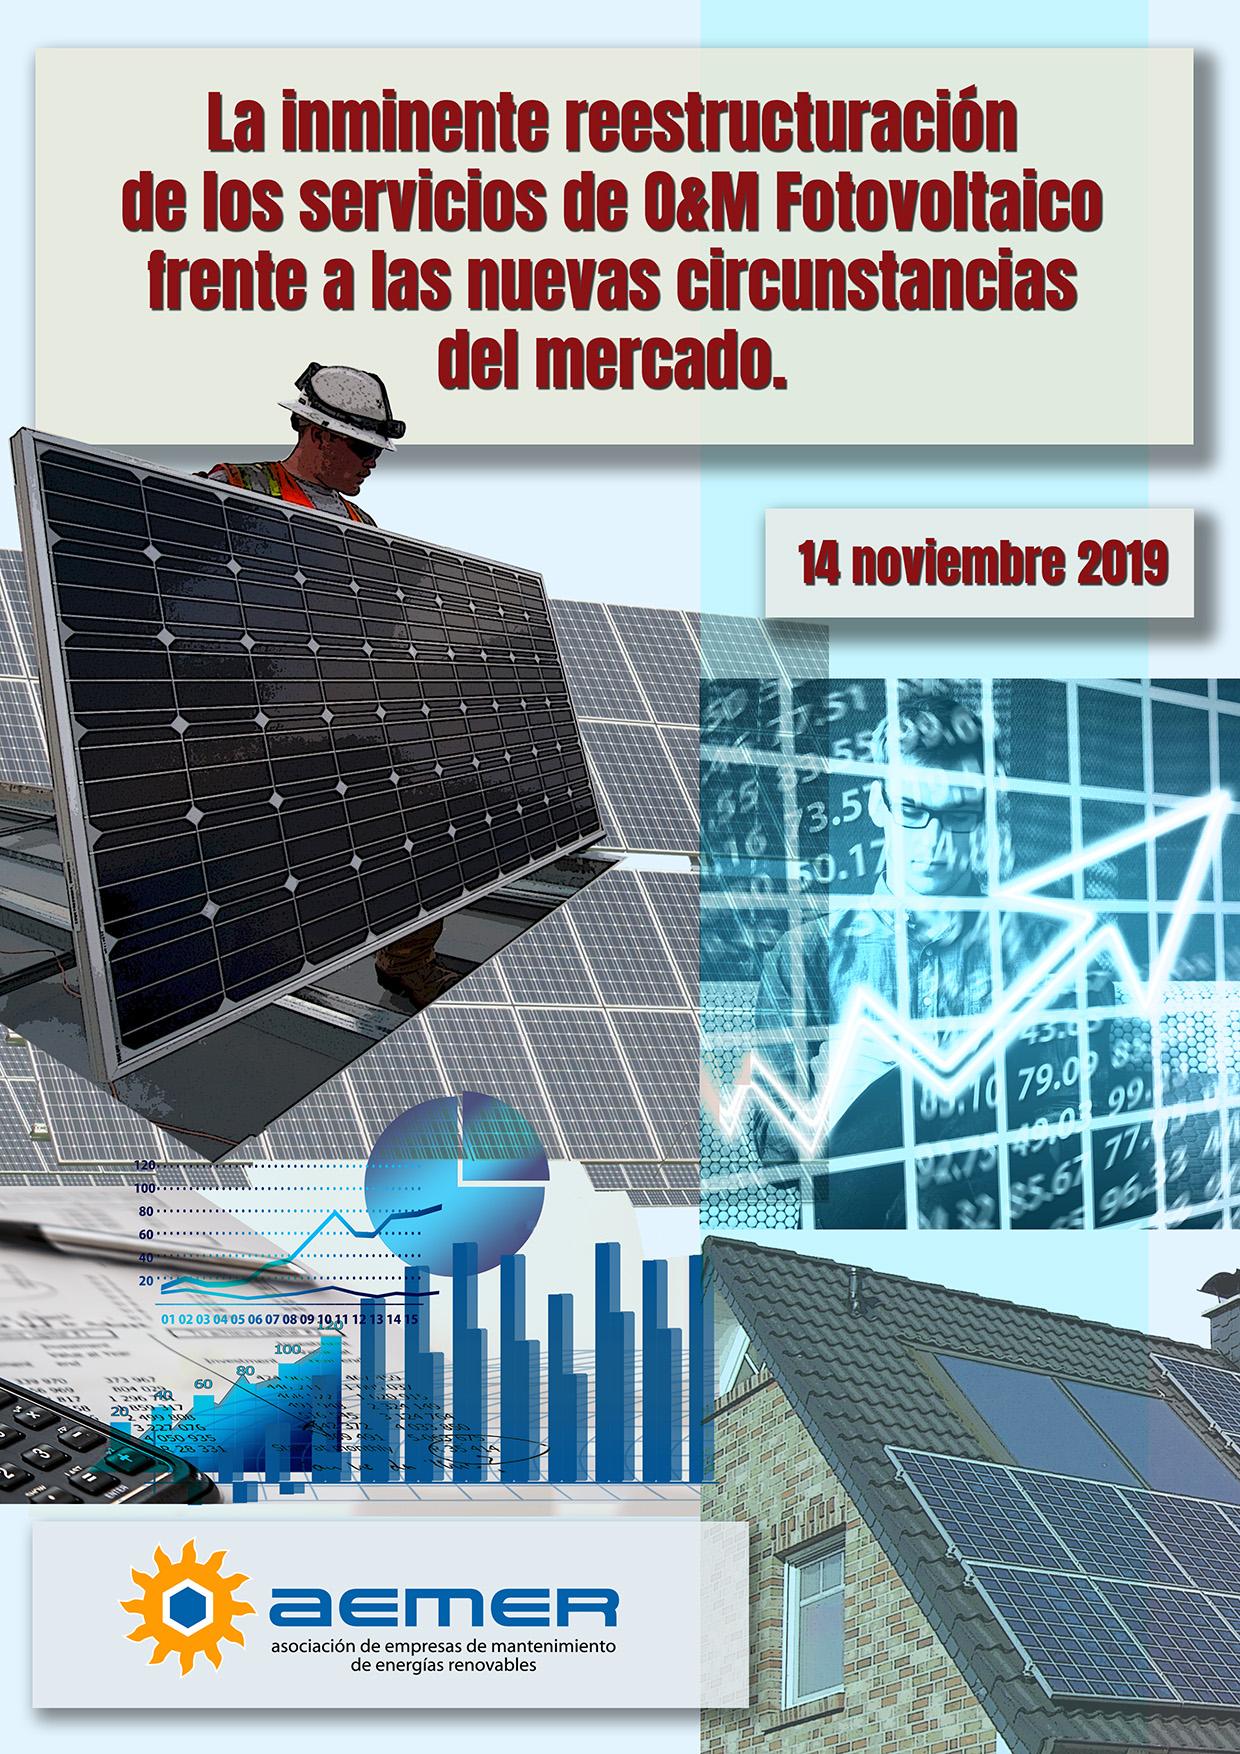 La inminente reestructuración de los servicios de O&M Fotovoltaico frente a las nuevas circunstancias del mercado